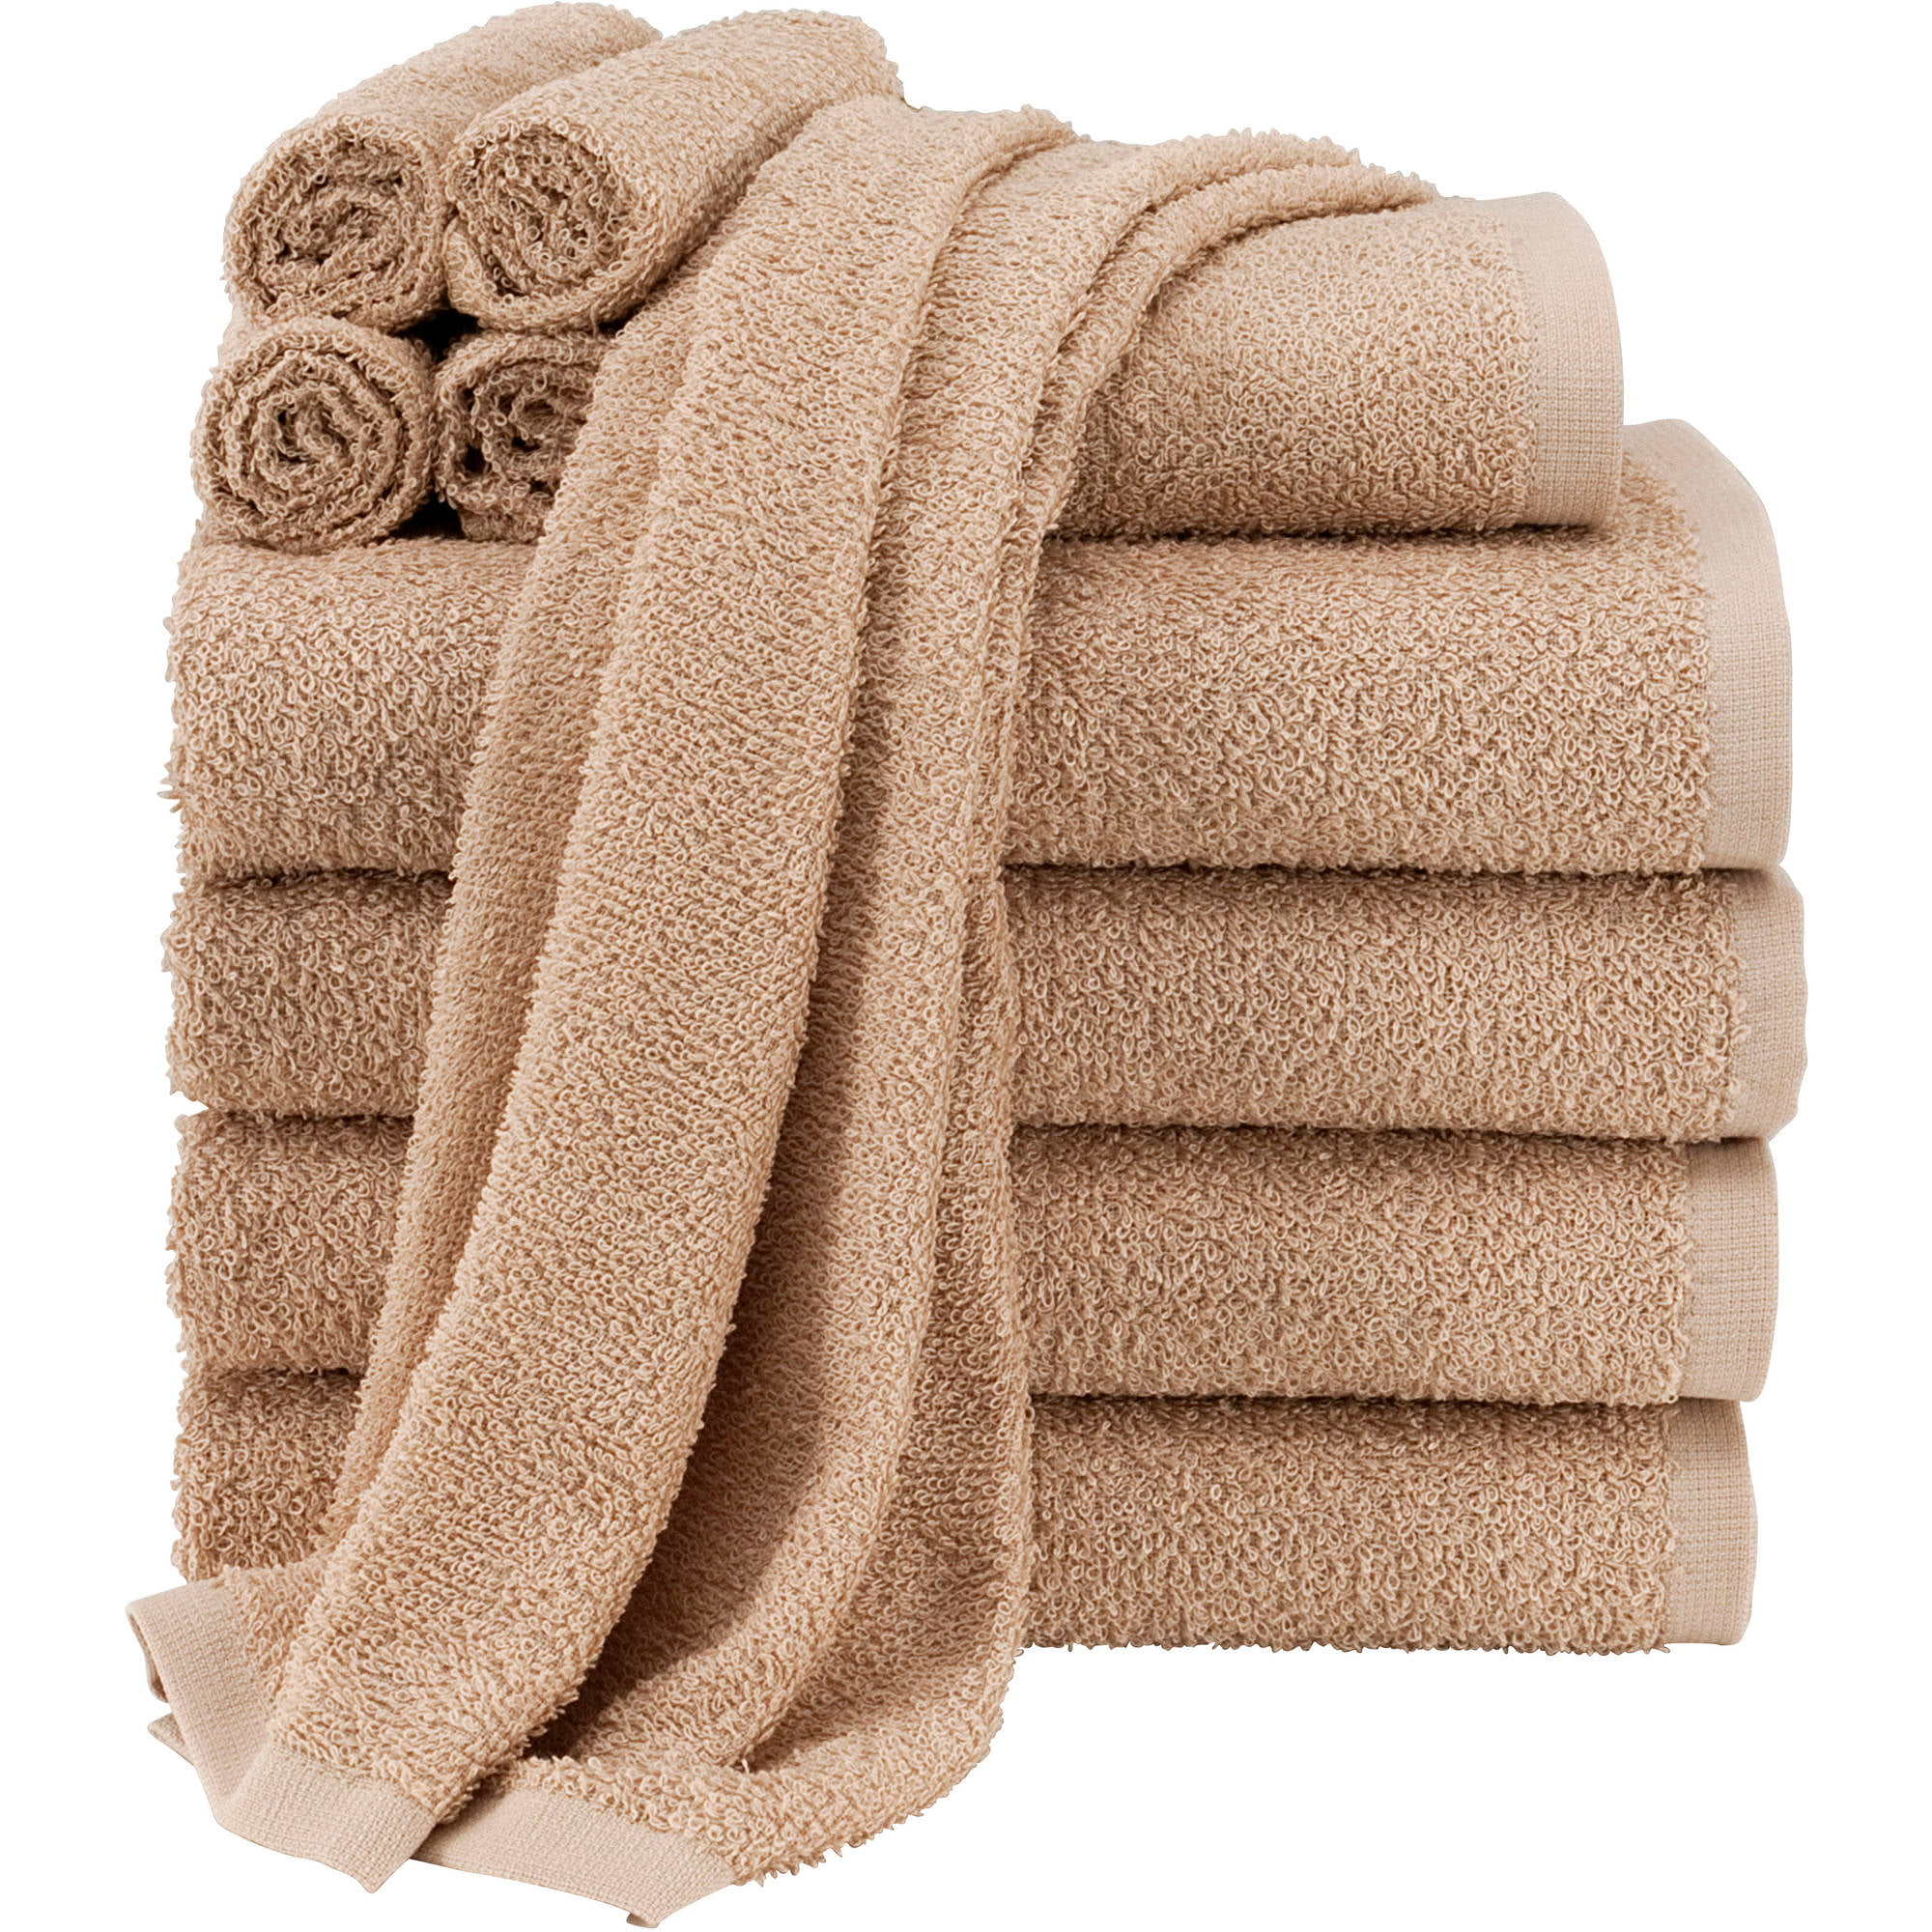 Bathroom Sign At Walmart mainstays 100% cotton gtp hand towel - vallejo tan - walmart